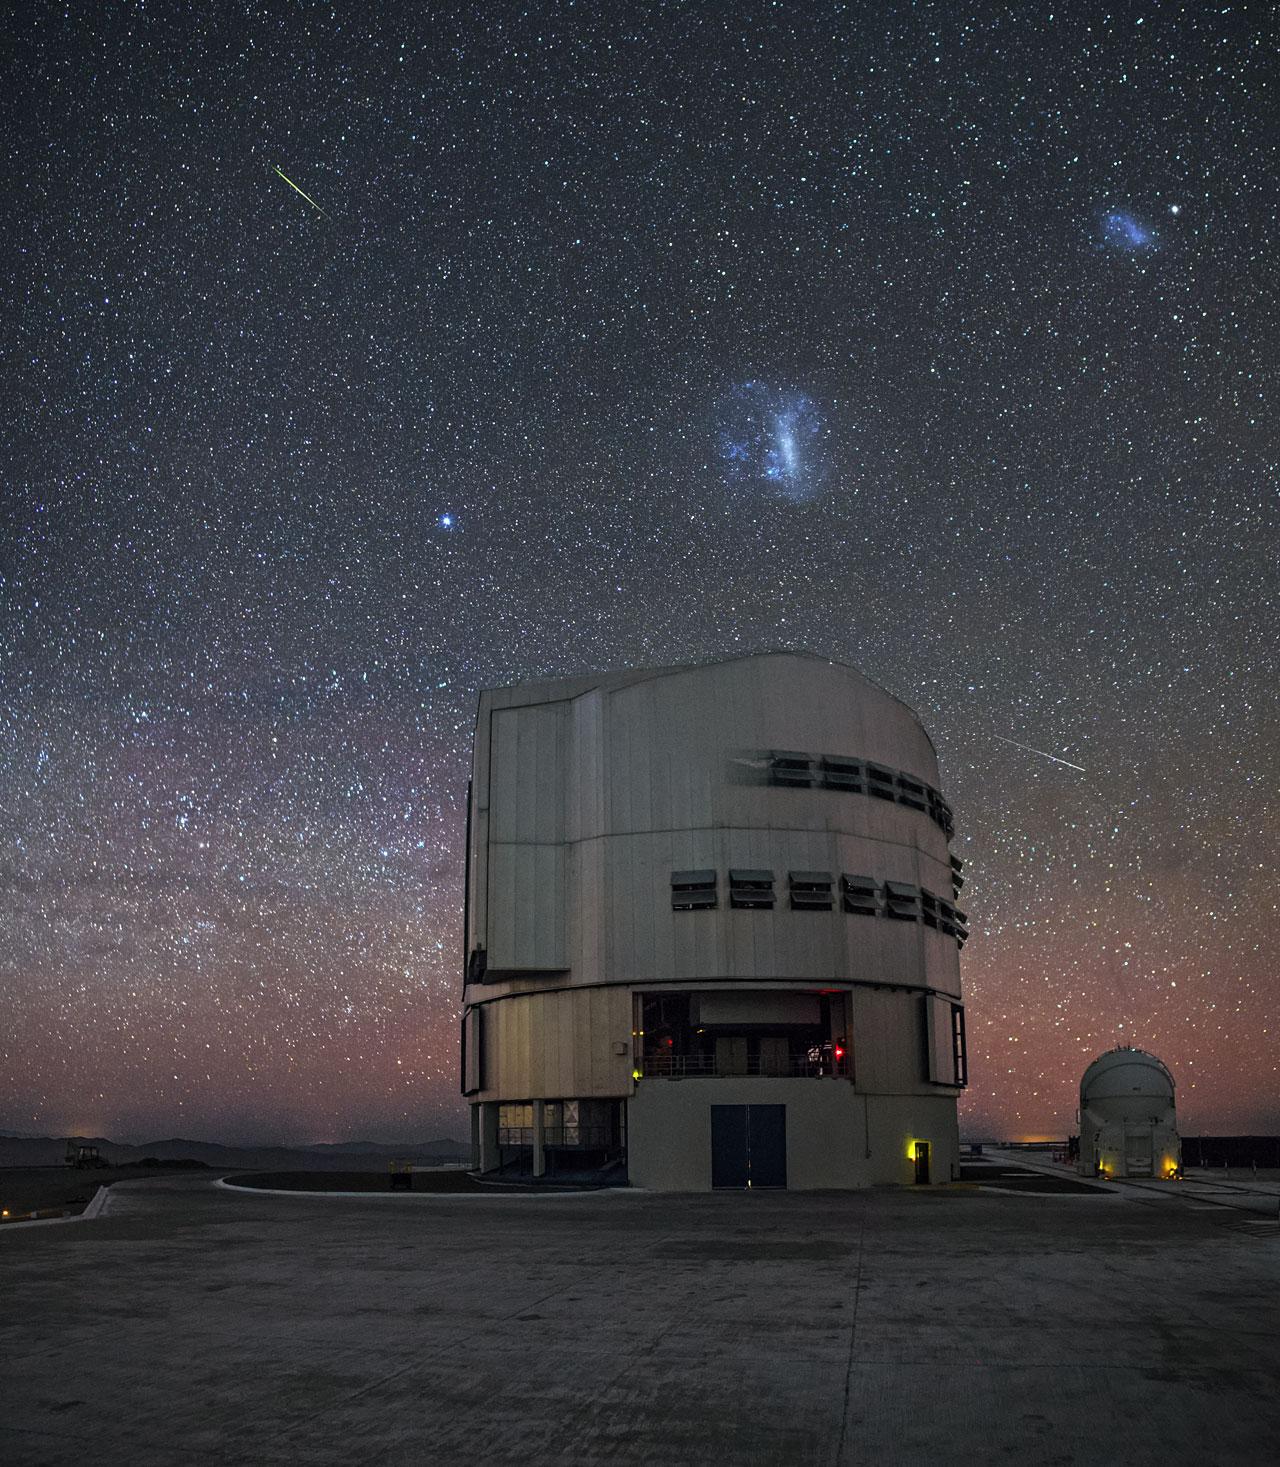 A buzz of celestial activity